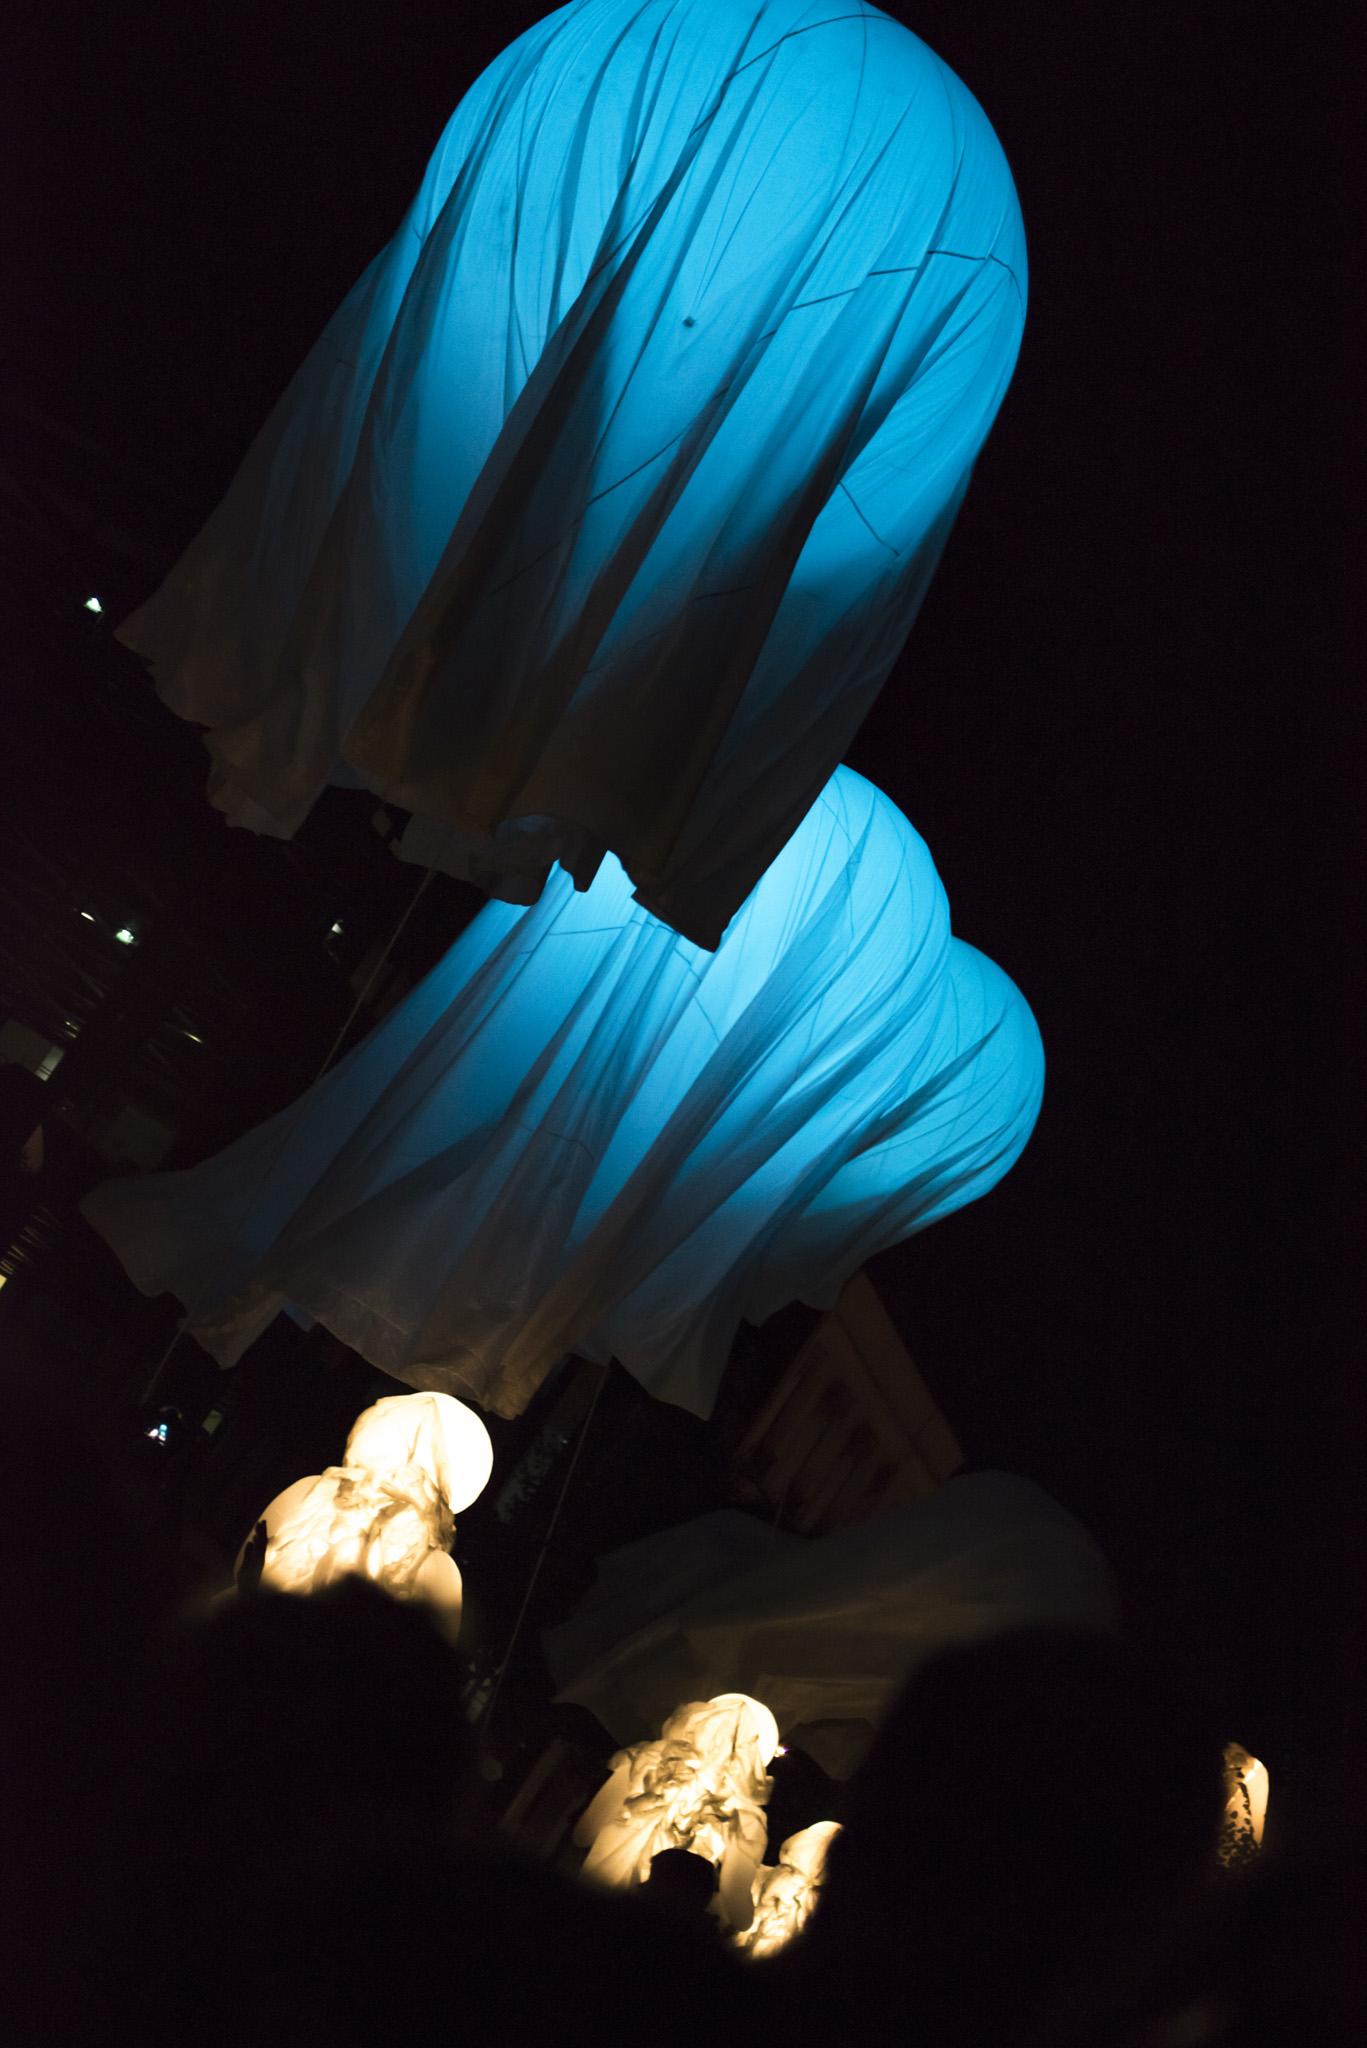 Photographe Evenementiel Reims, Reportage Photo Spectacle, Shooting photo représentation spectacle, Spectacle de nuit, Troupe Quidam représentation Parvis cathédrale Reims